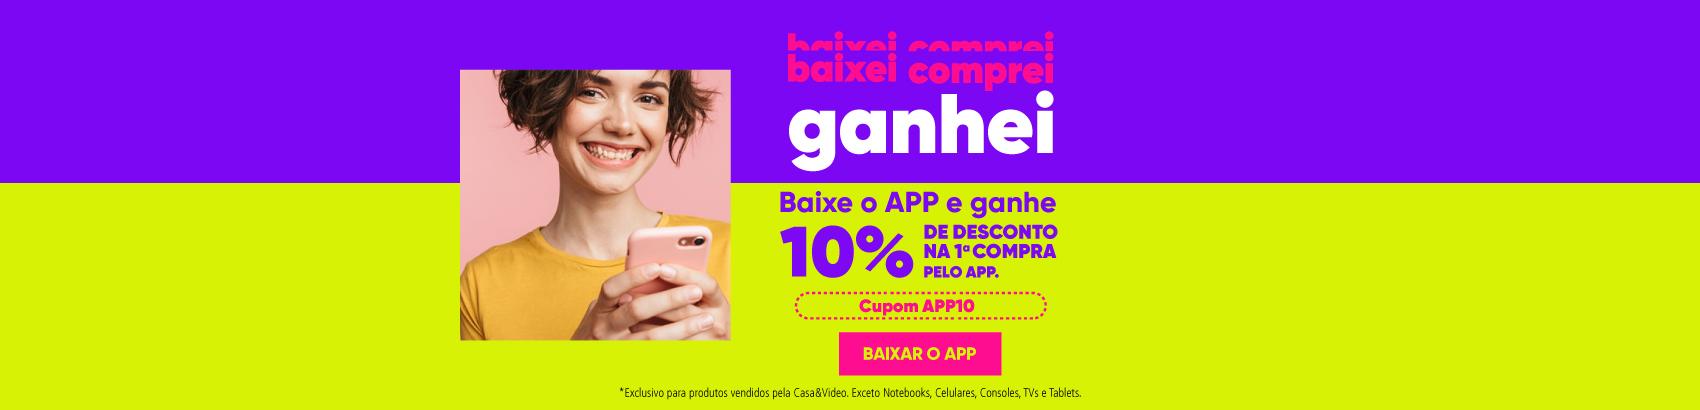 App 10% desconto